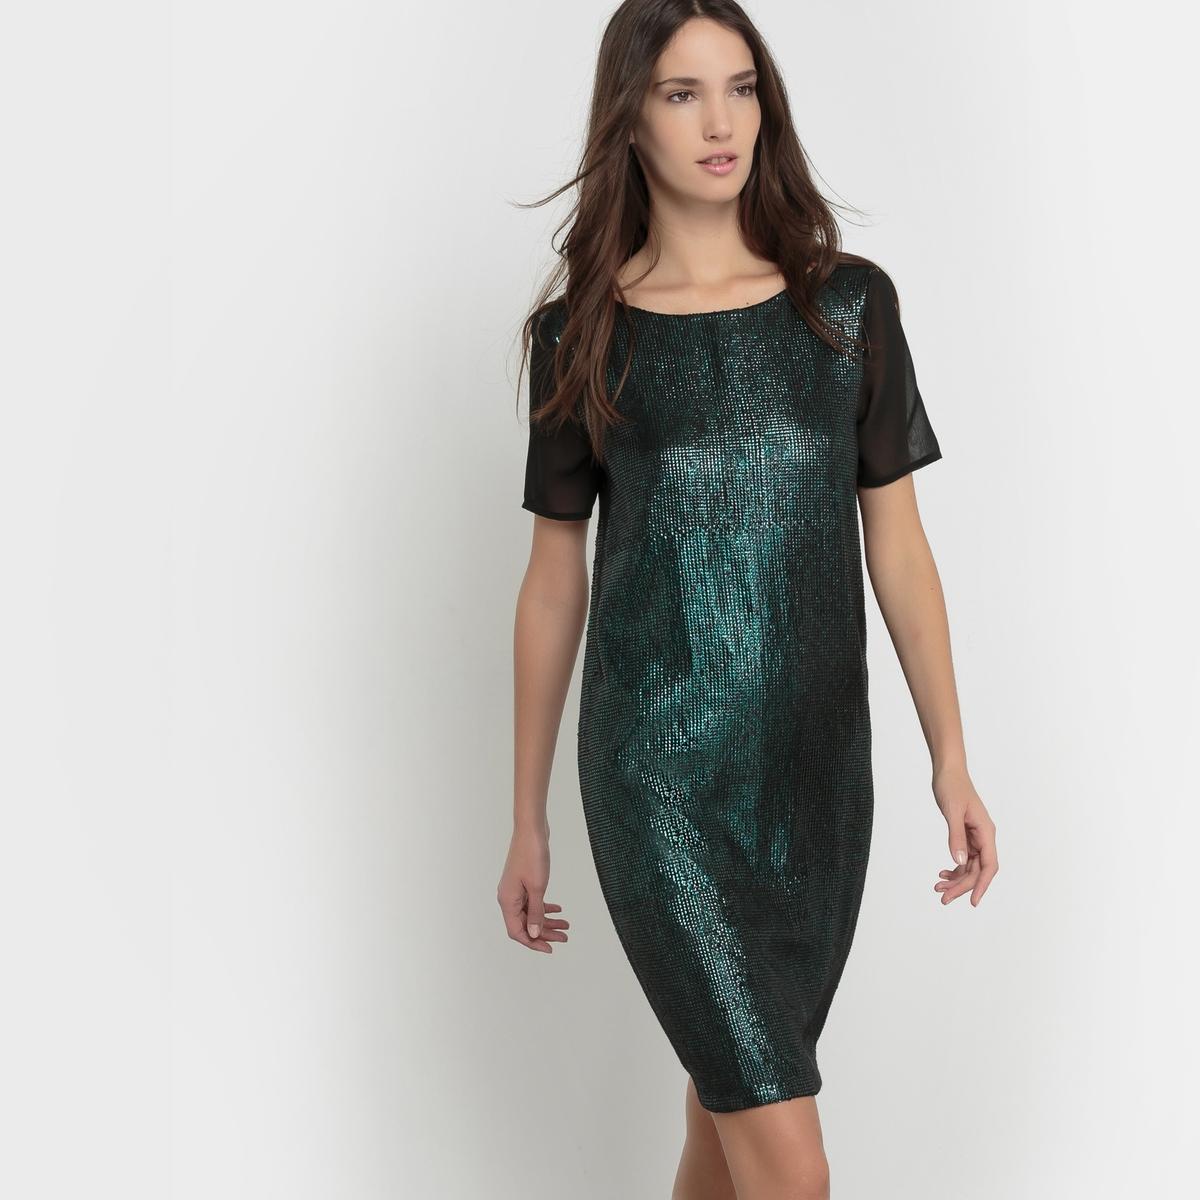 Платье с блестками, вырез сзадиПлатье с блестками. Прямой покрой. Закругленный вырез спереди и сзади. Короткие рукава из вуали. Основная часть с яркими блестками. Состав и описаниеМатериал : 100% полиэстерПодкладка : 100% полиэстерДлина : 92 смМарка : Mademoiselle RУходРучная стирка с изнаночной стороныГладить при очень низкой температуреНе гладить декоративные элементыСушить на горизонтальной поверхности в расправленном состоянии<br><br>Цвет: темно-зеленый<br>Размер: 36 (FR) - 42 (RUS)